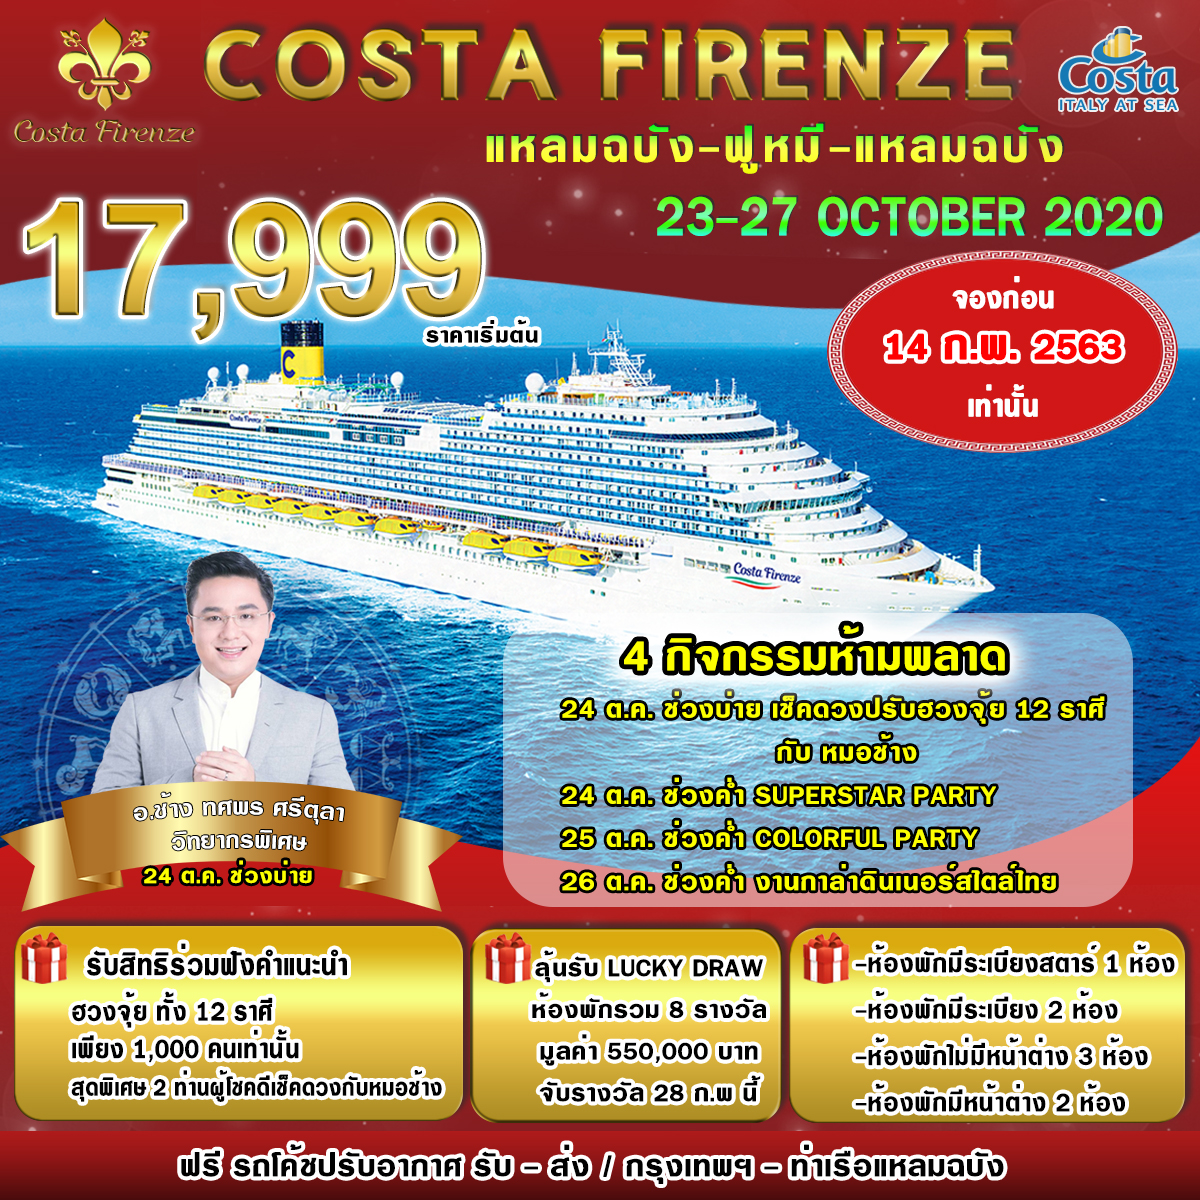 ทัวร์เรือสำราญ Costa Firenze แหลมฉบัง-ฟูหมิง (เวียดนาม) 5d4n